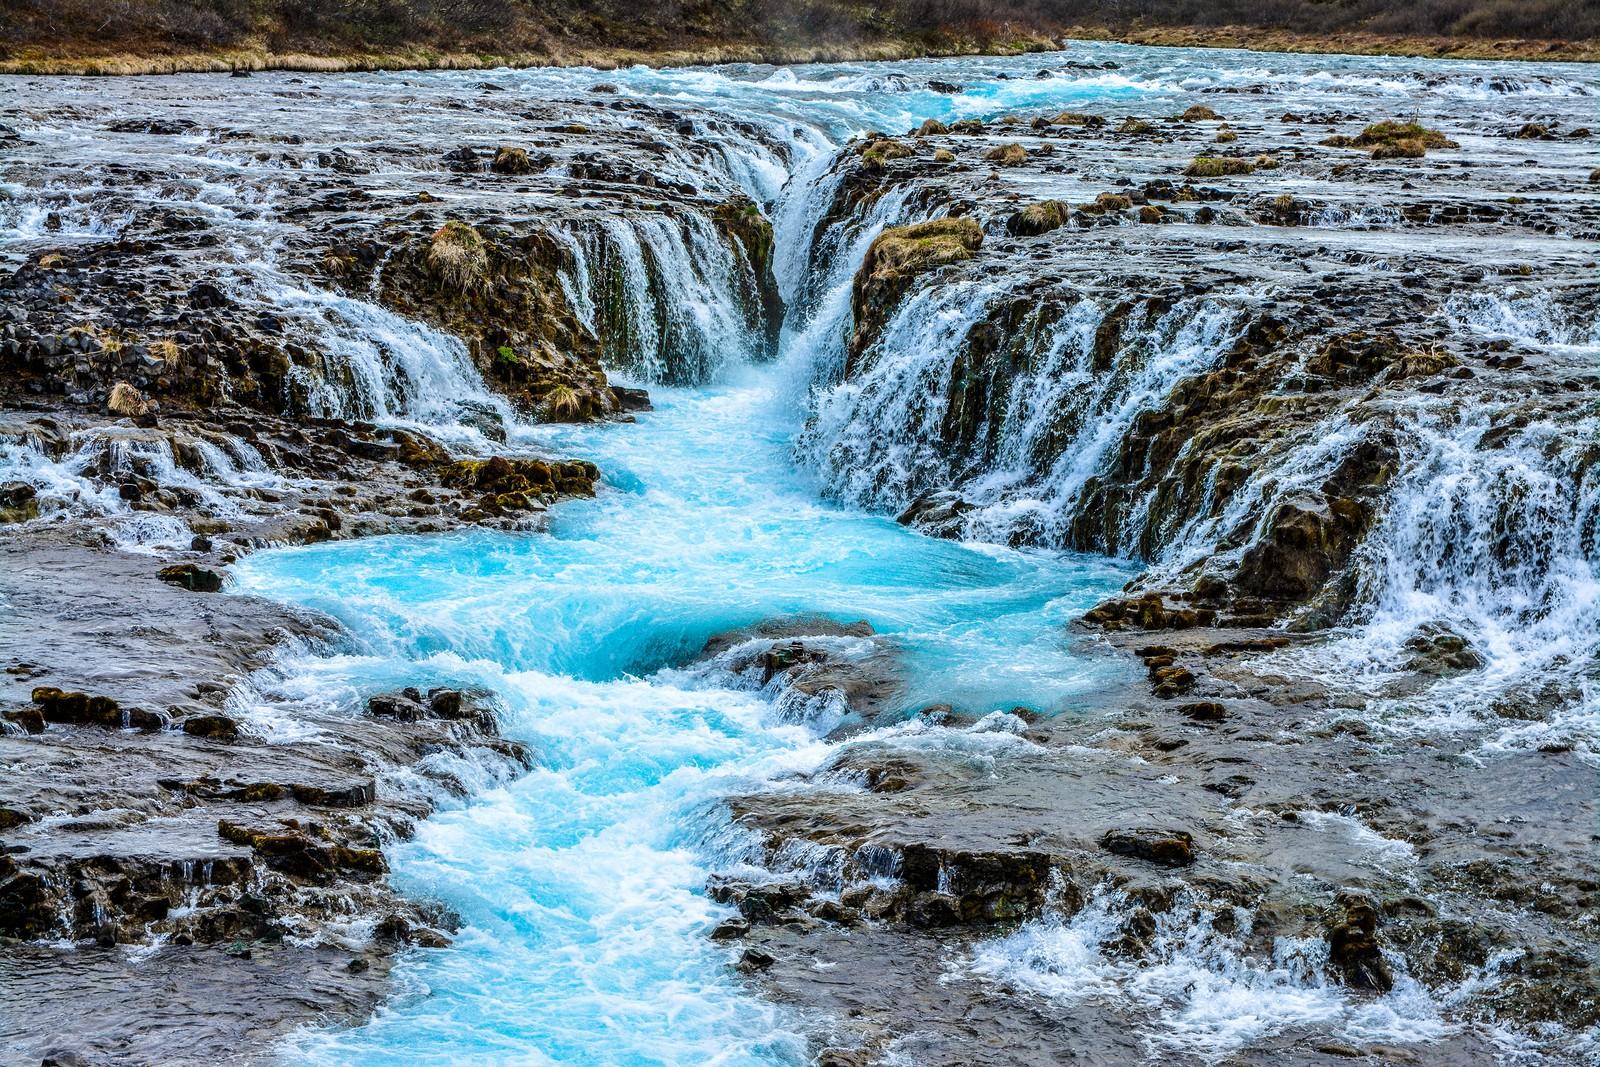 Brúarfoss, Iceland's bluest waterfall